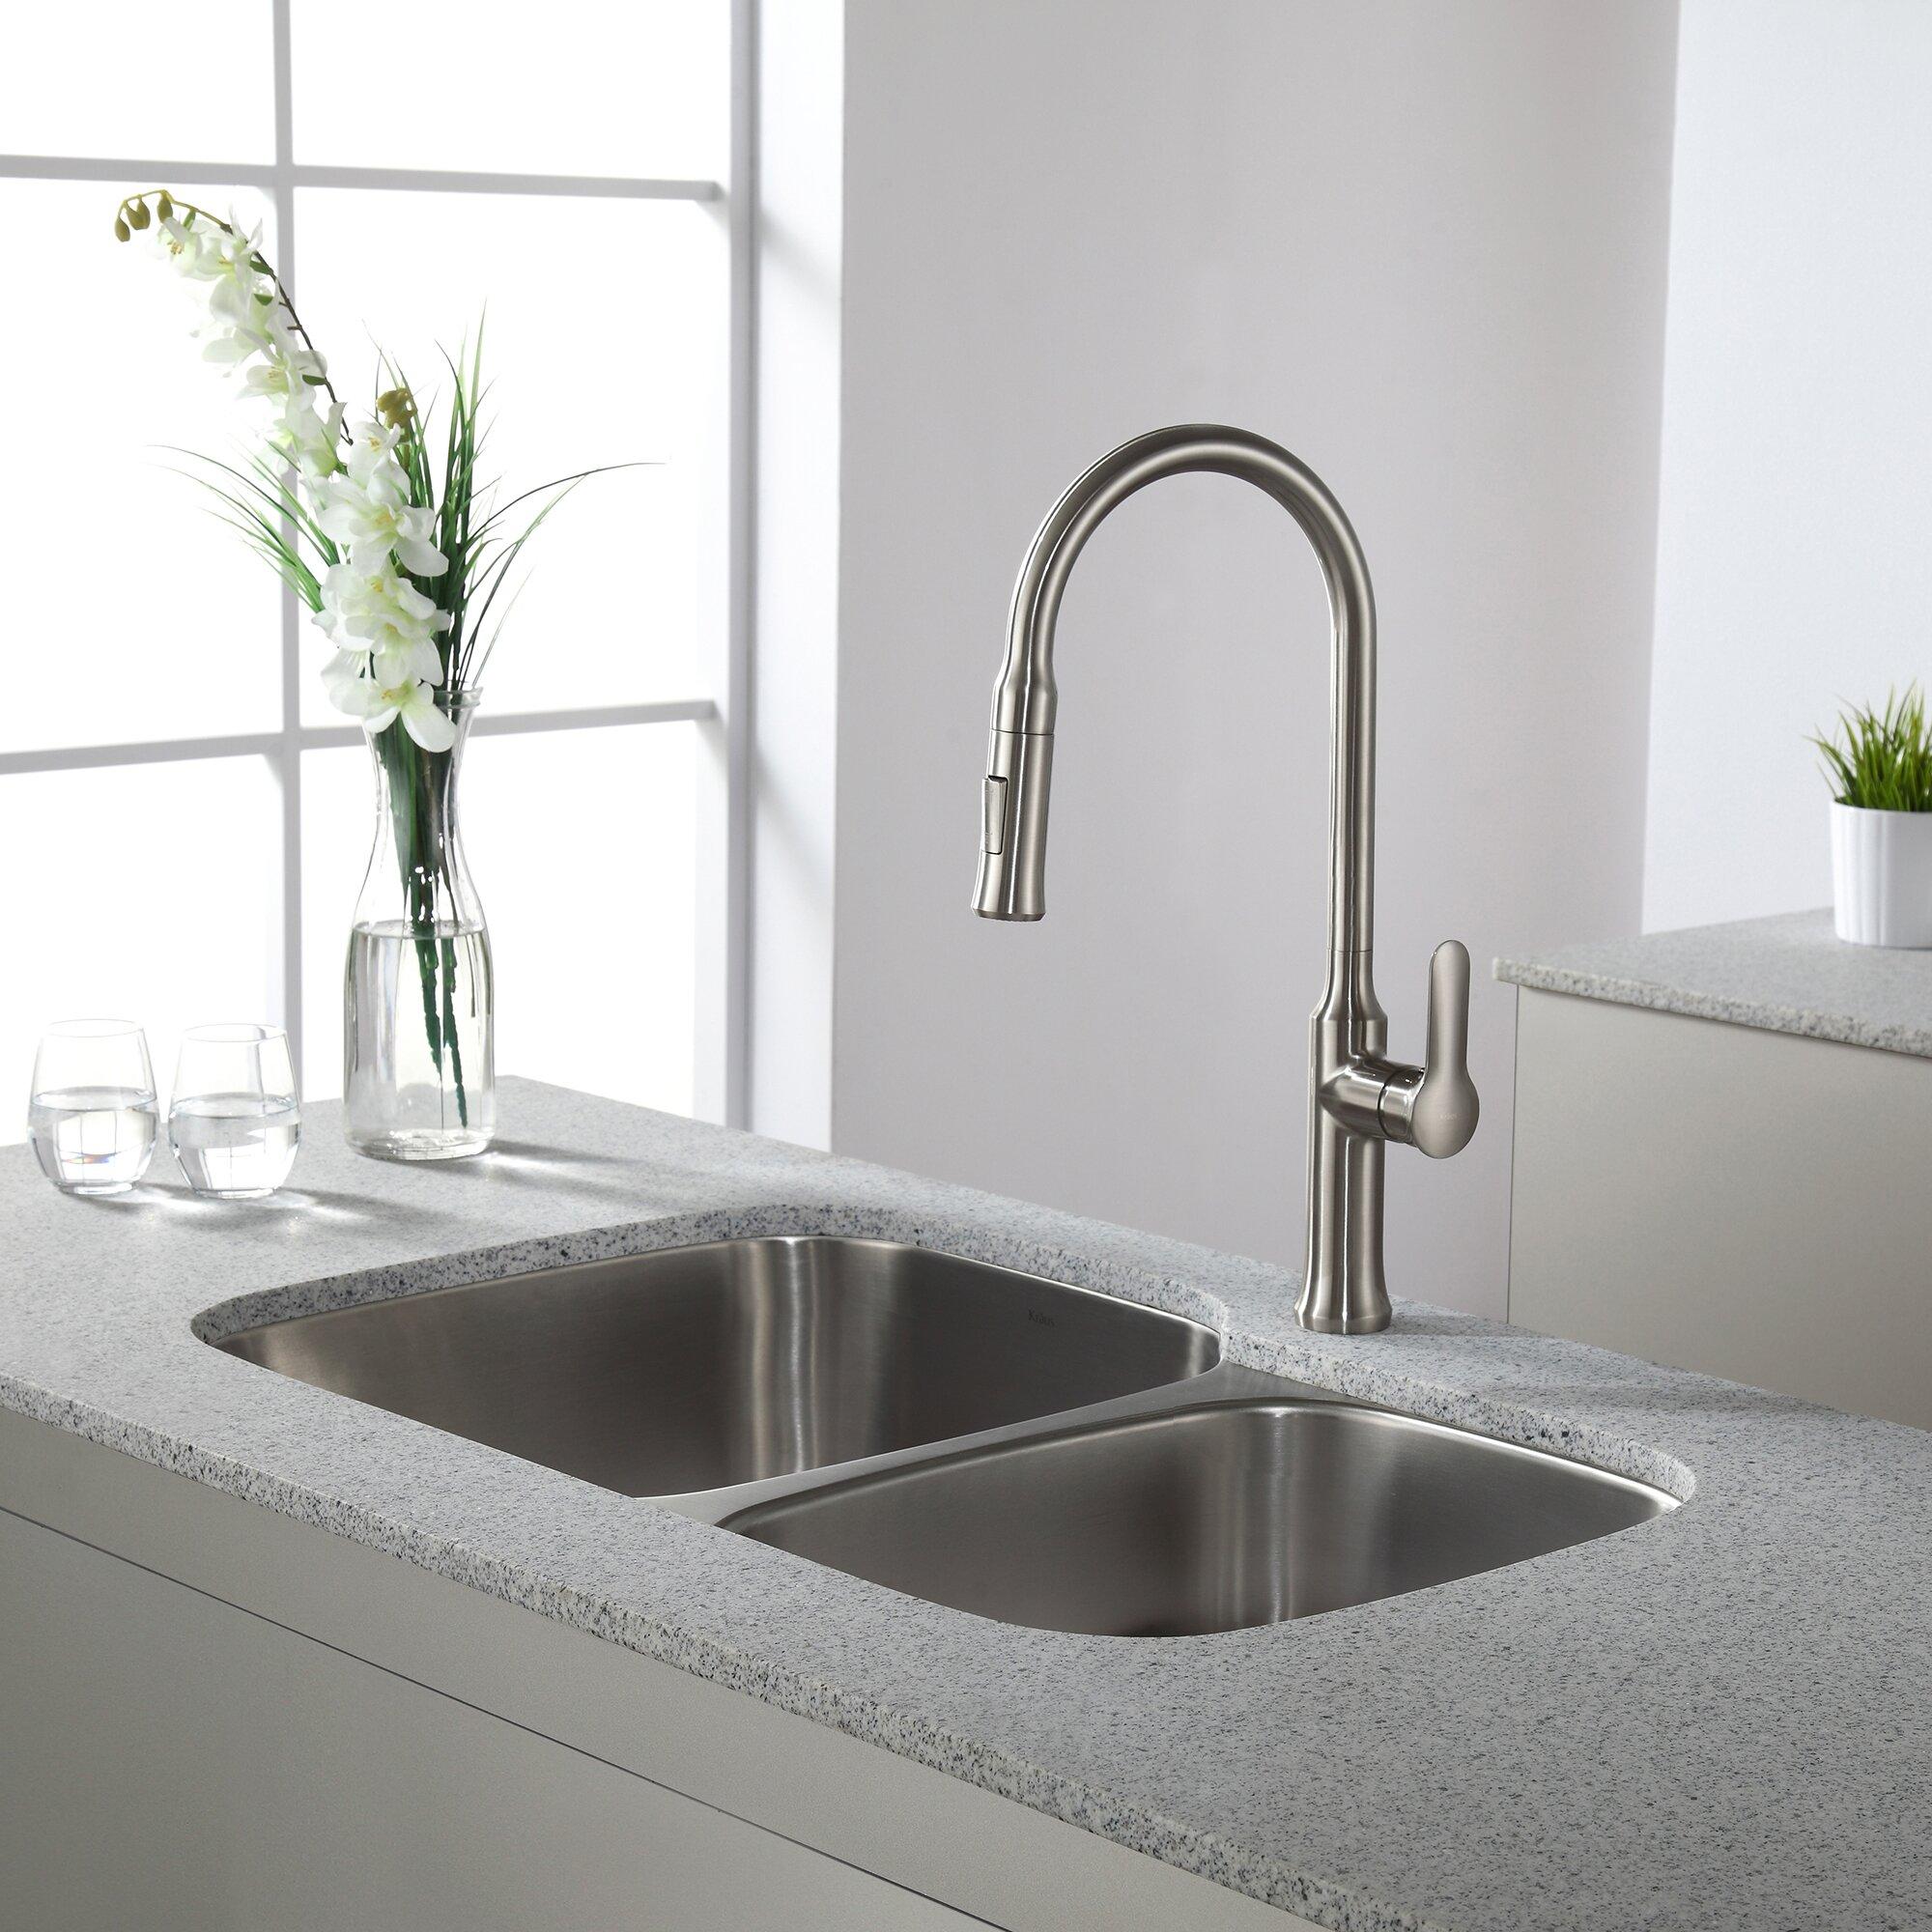 Kraus 32 X 20 5 Undermount Double Bowl 60 40 Kitchen Sink